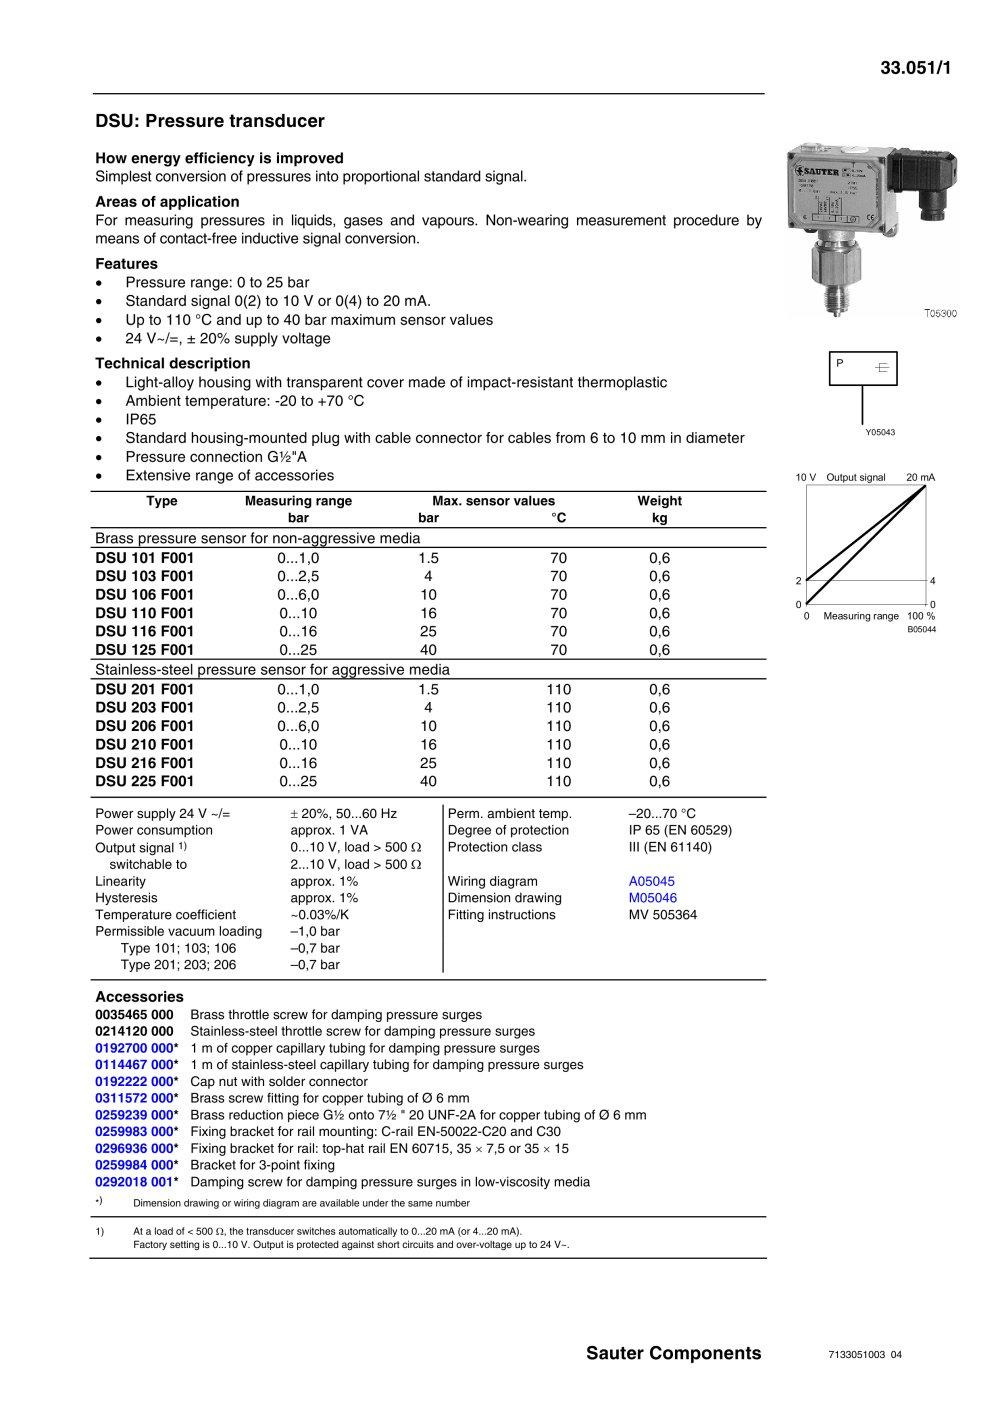 Danfoss Nf5 5fx Wiring Diagram,Nf • Gsmx.co